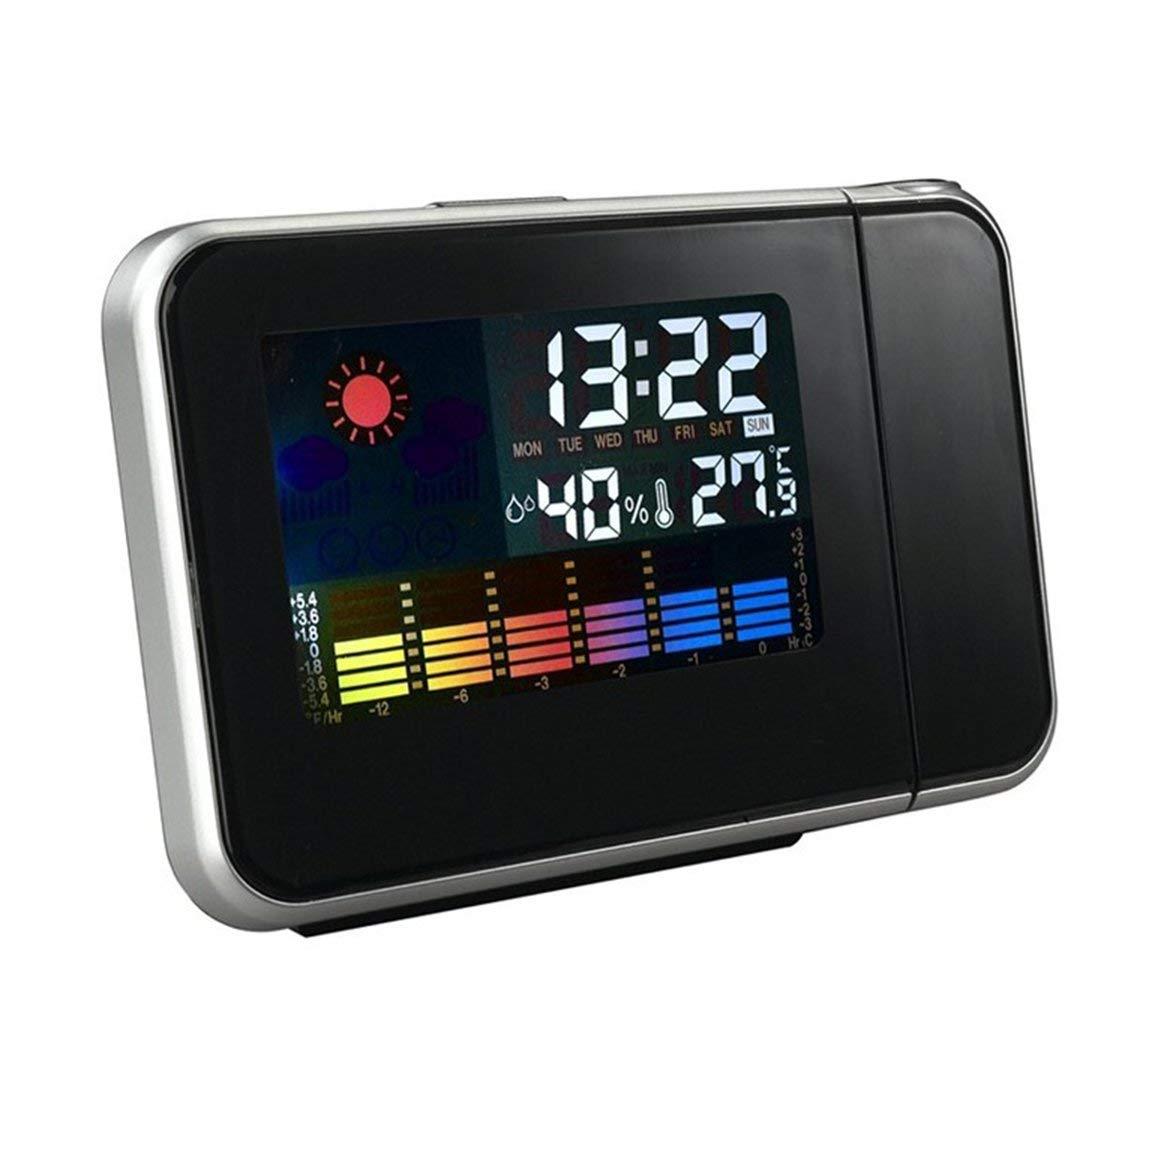 Garciayia Proiettore Portatile Digital Weather LCD Snooze Sveglia Display a Colori con retroilluminazione a LED Temperatura Tester di umidit/à Colore: Nero